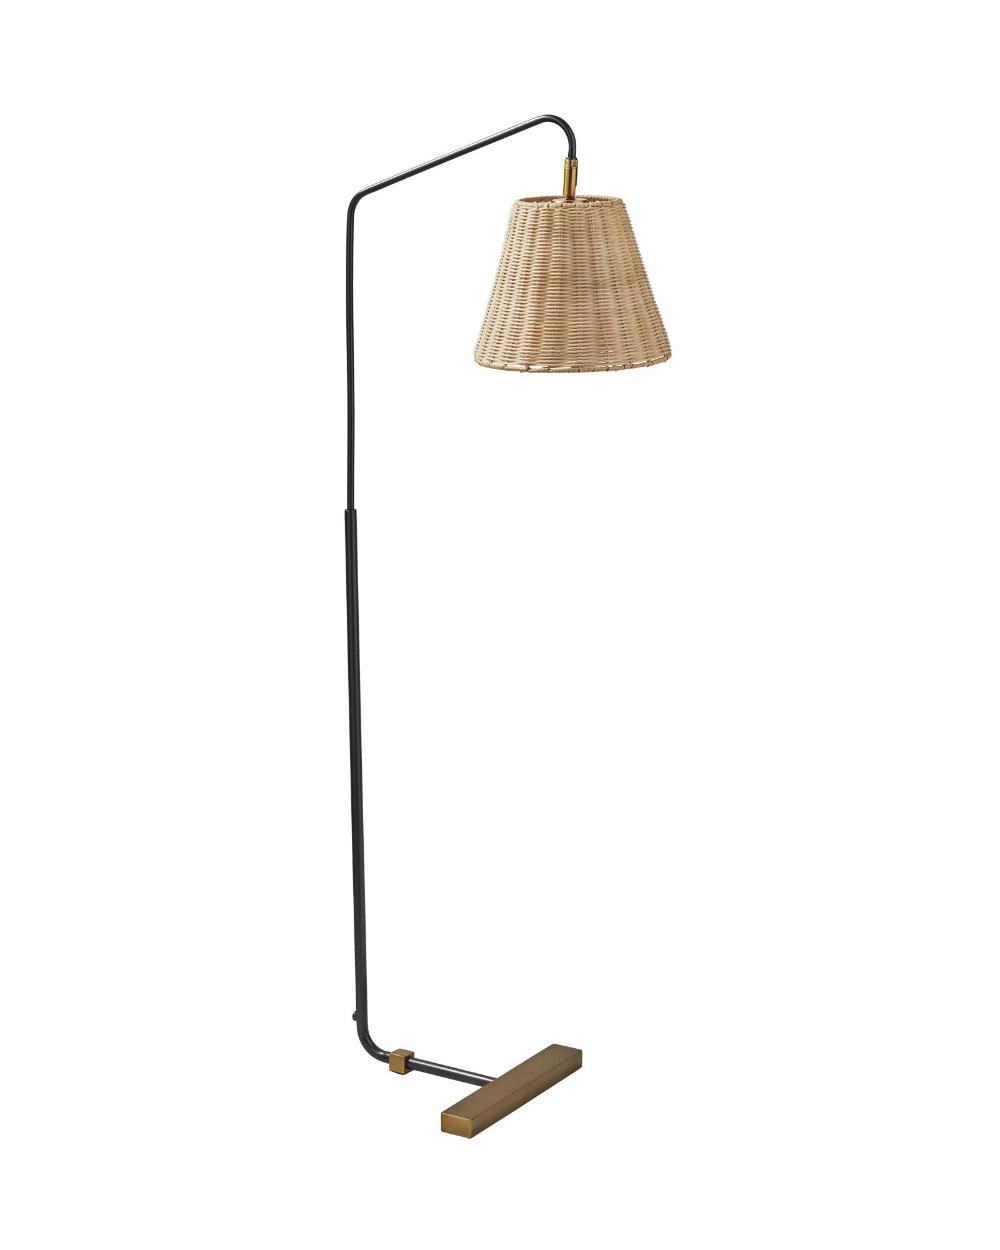 Serena & Lily Flynn Floor Lamp Wicker floor lamp, Floor